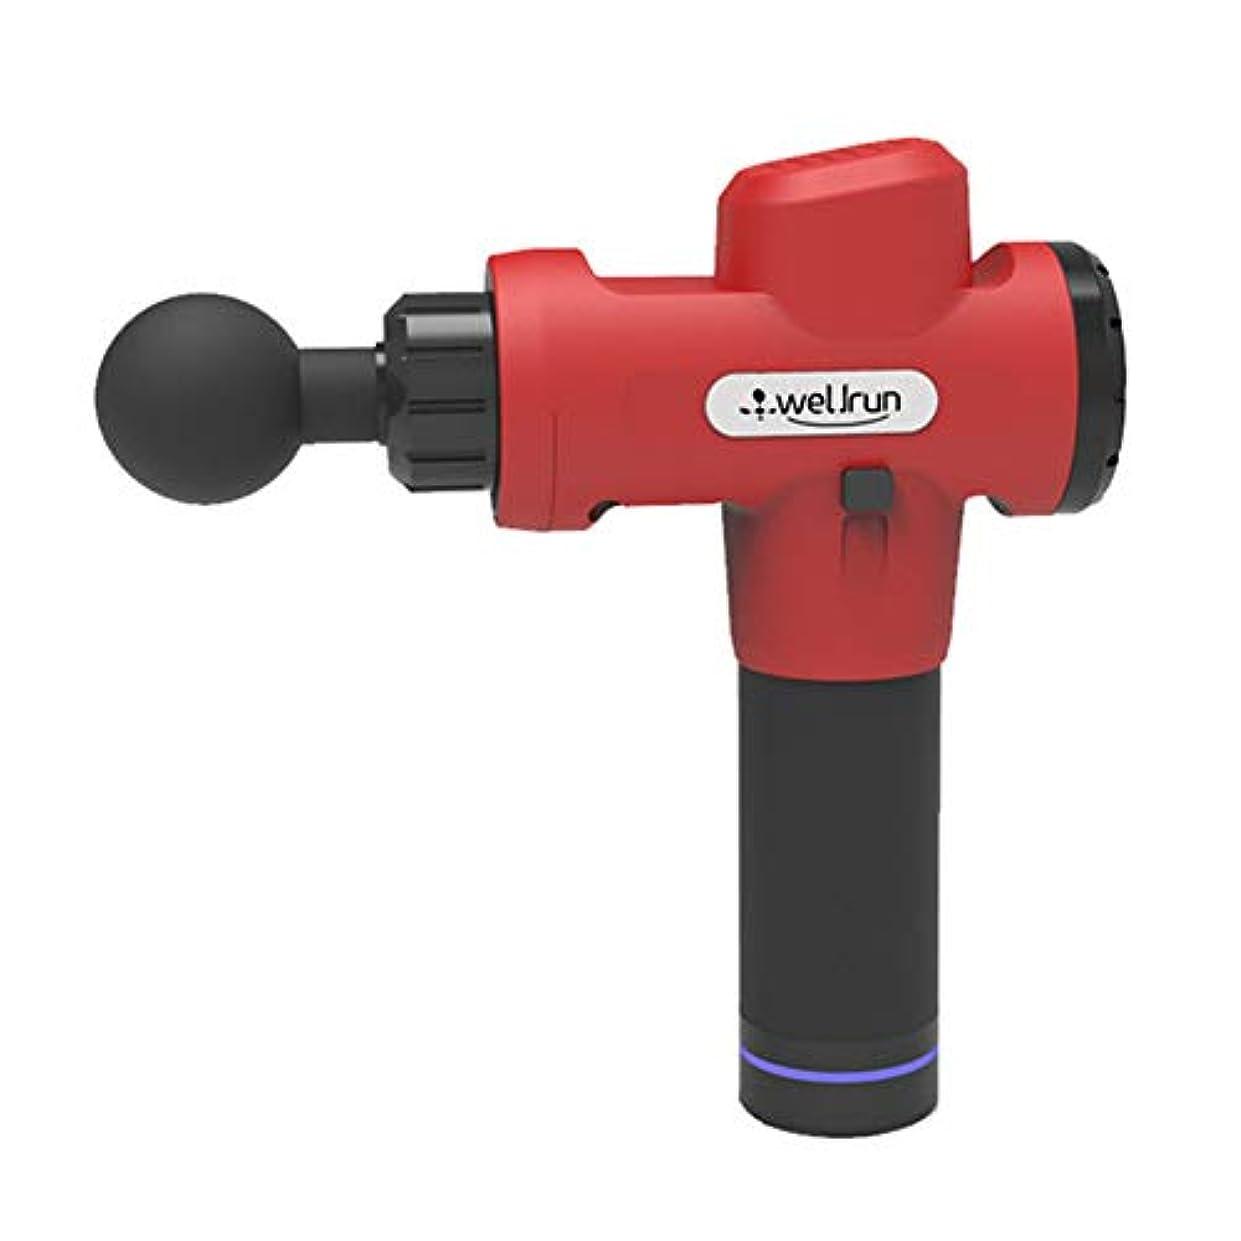 放つウェブ教育者電気筋肉マッサージ装置、振動マッサージ銃、手持ち型の筋膜銃、解放の深いティッシュ筋肉影響の器械,赤